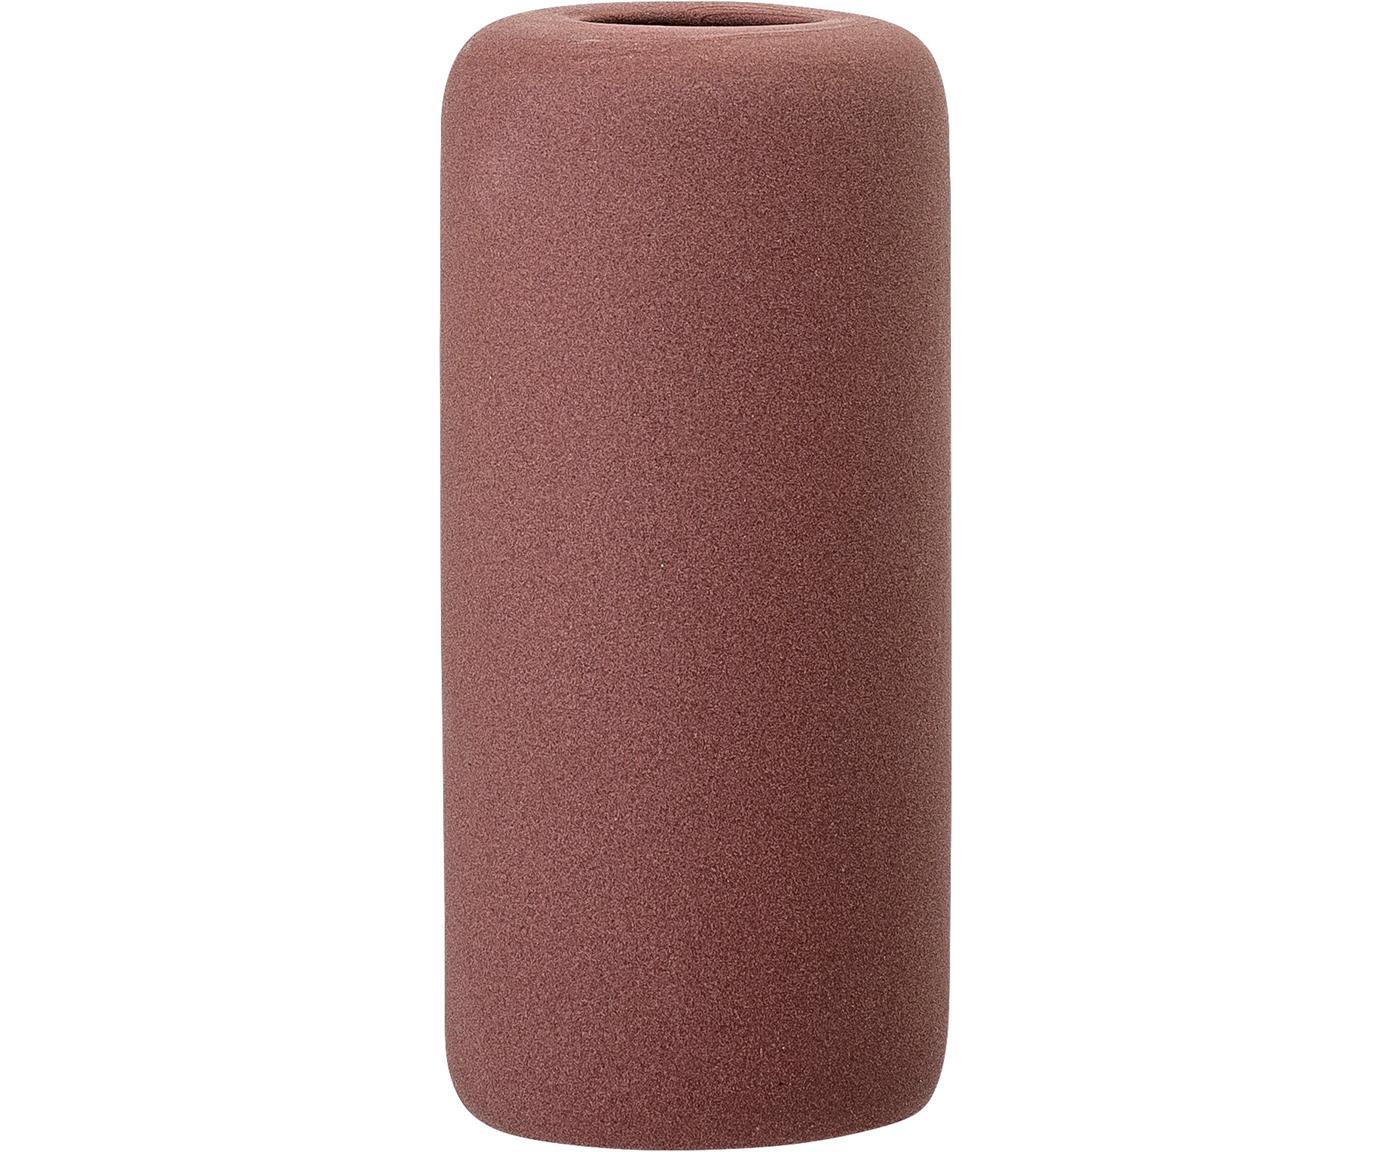 Jarrón de gres Redstone, Gres, Rojo burdeos, Ø 6 x Al 13 cm